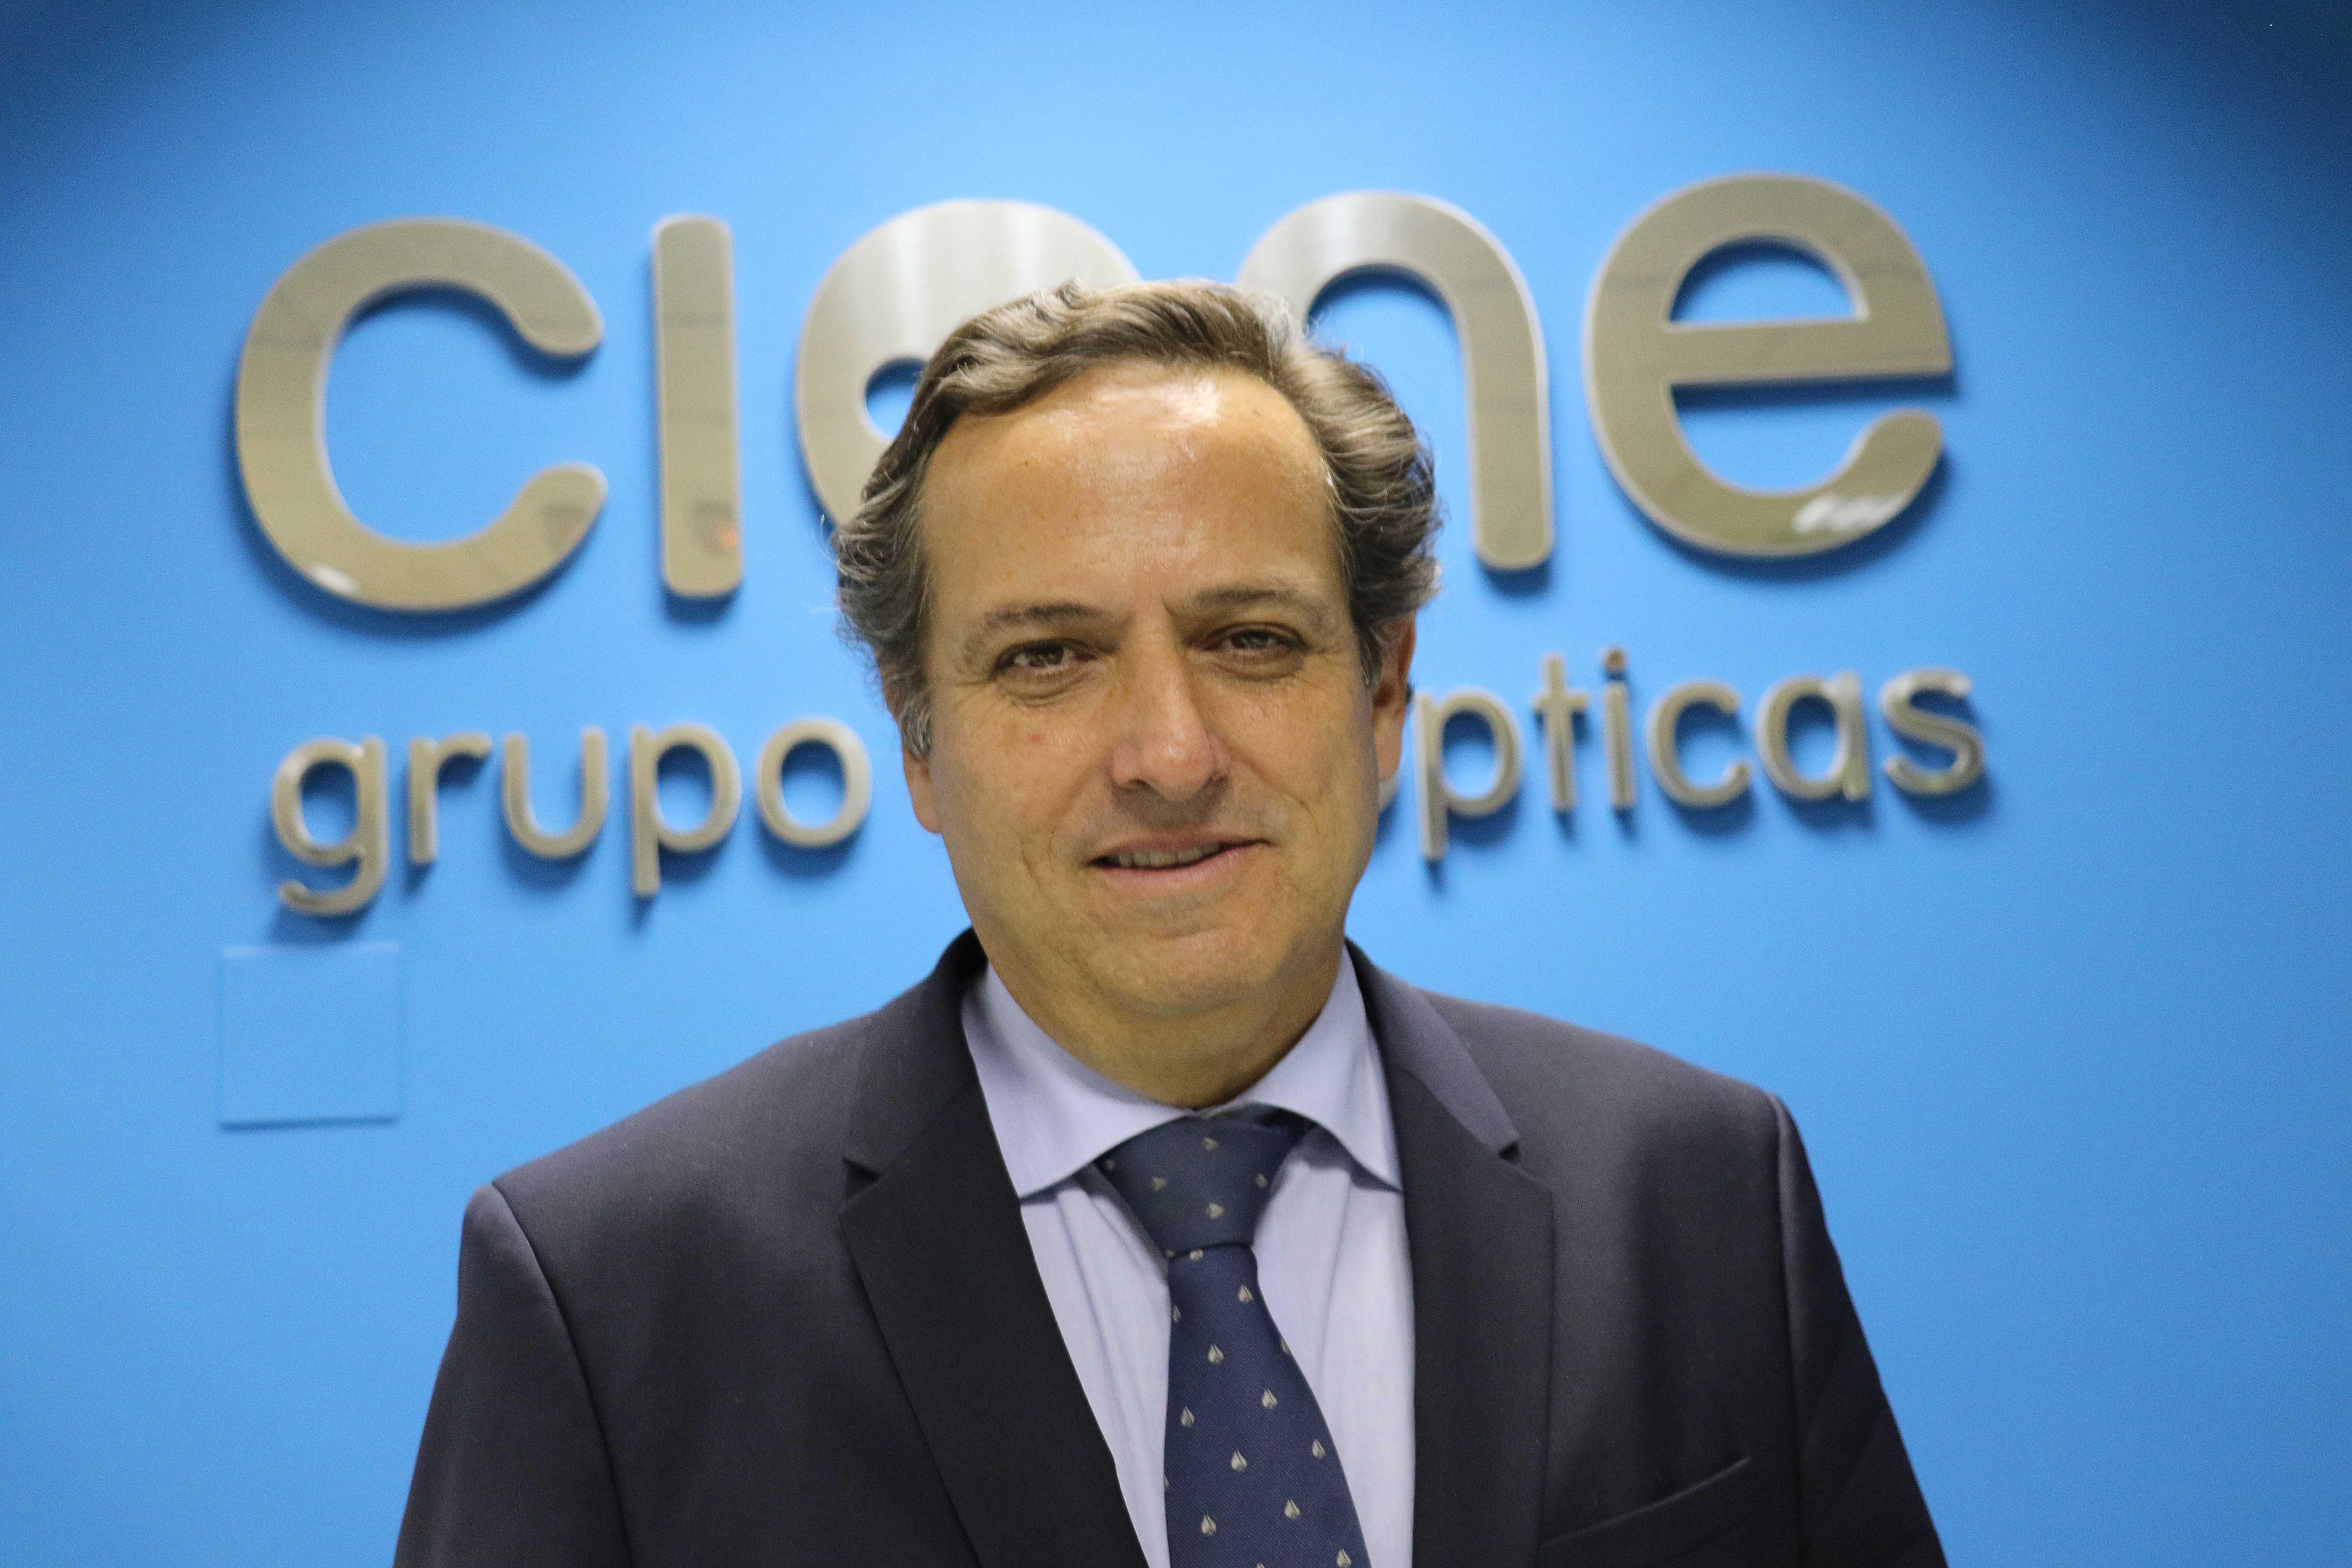 855fd7db59 El presidente de CEIM visitó el almacen de Cione - Optimoda